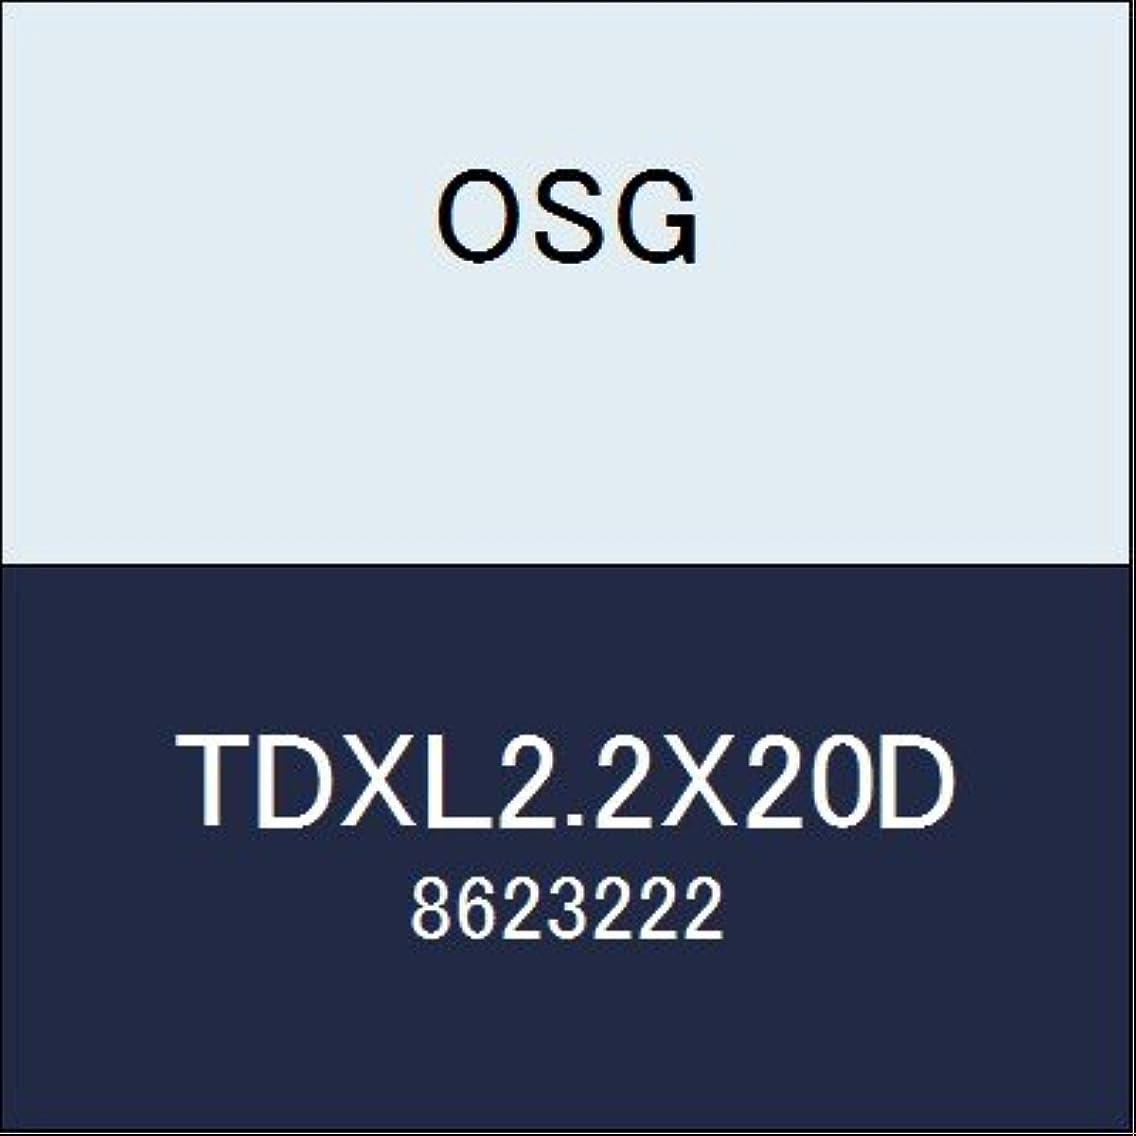 手がかり白い肥料OSG スラスタードリル TDXL2.2X20D 商品番号 8623222